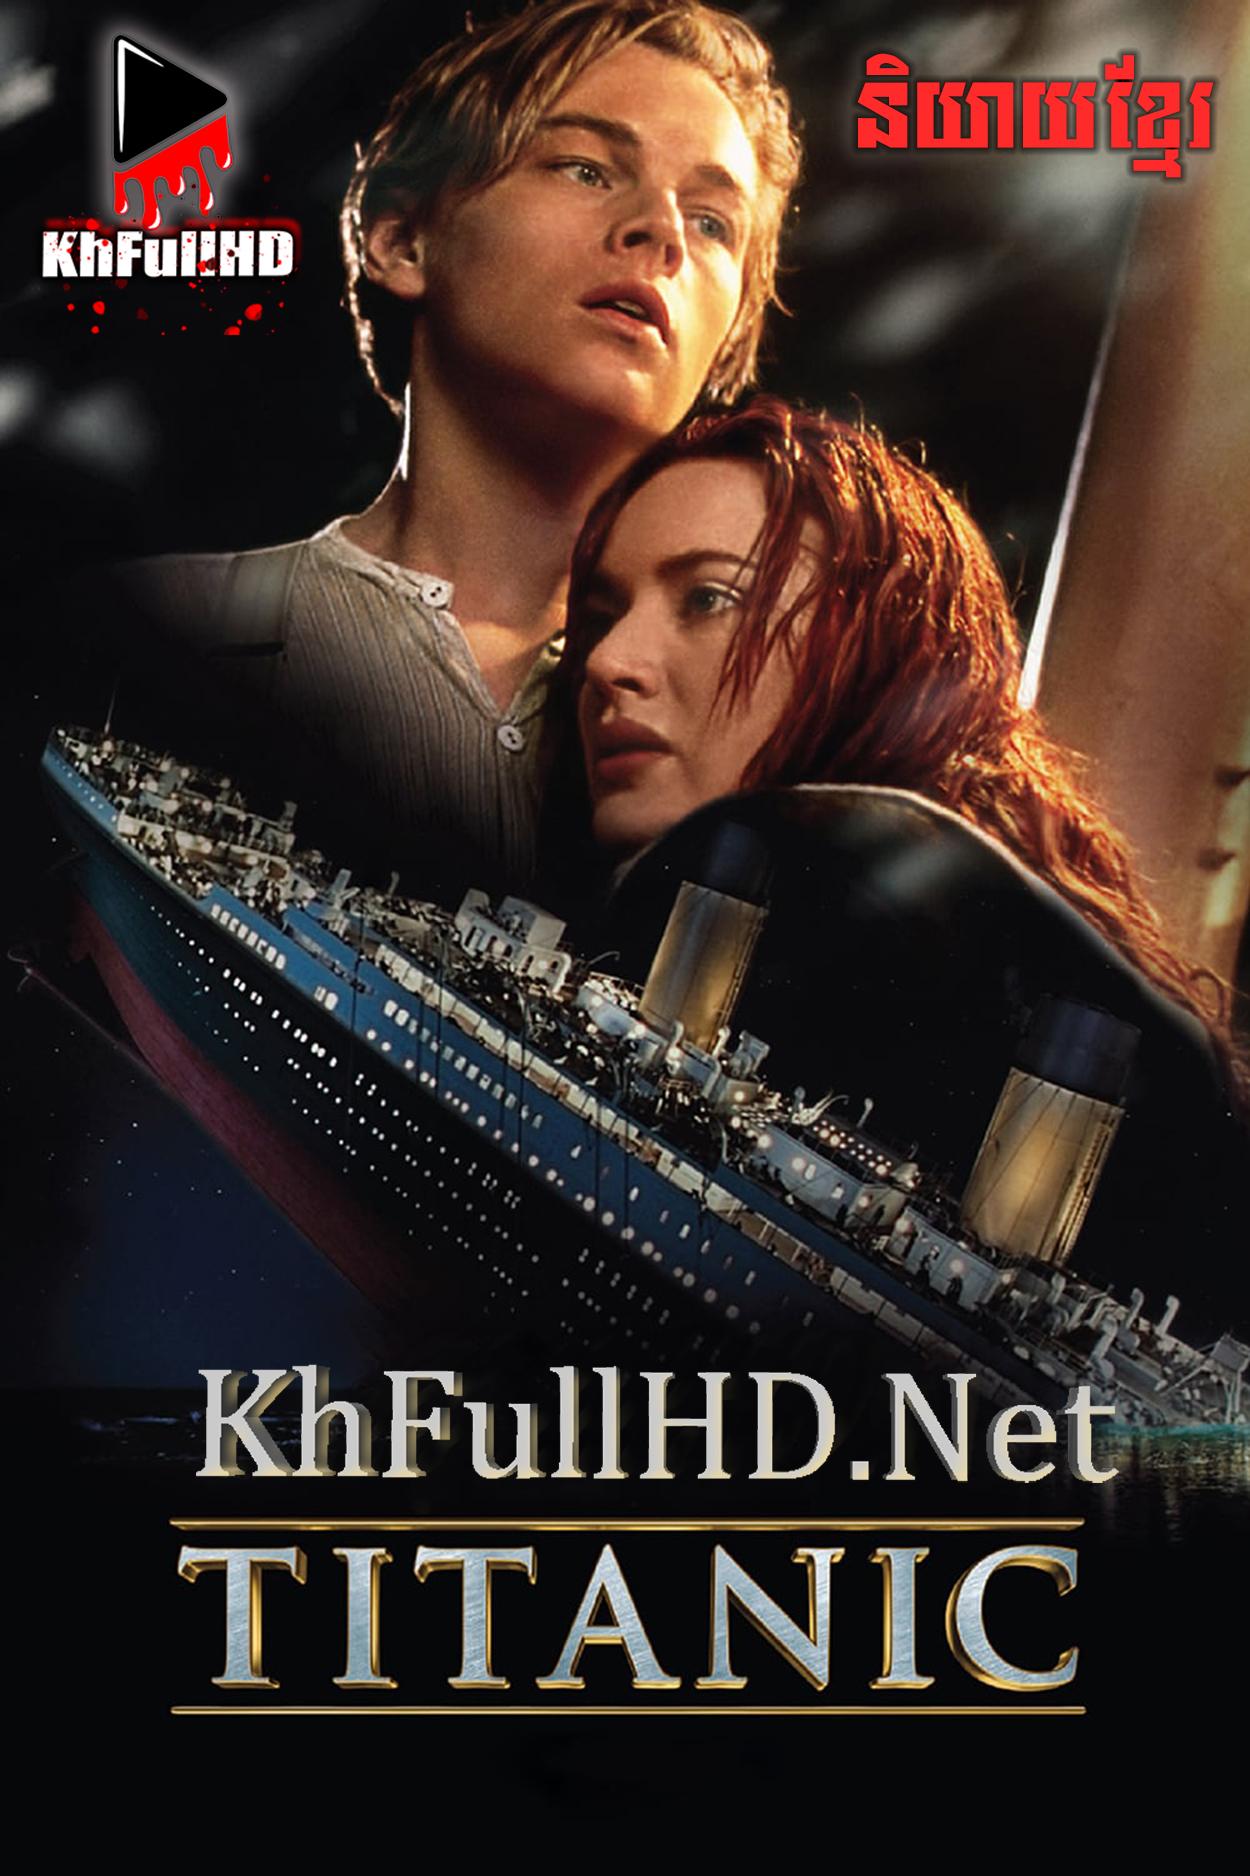 Titanic និយាយខ្មែរ (1997)